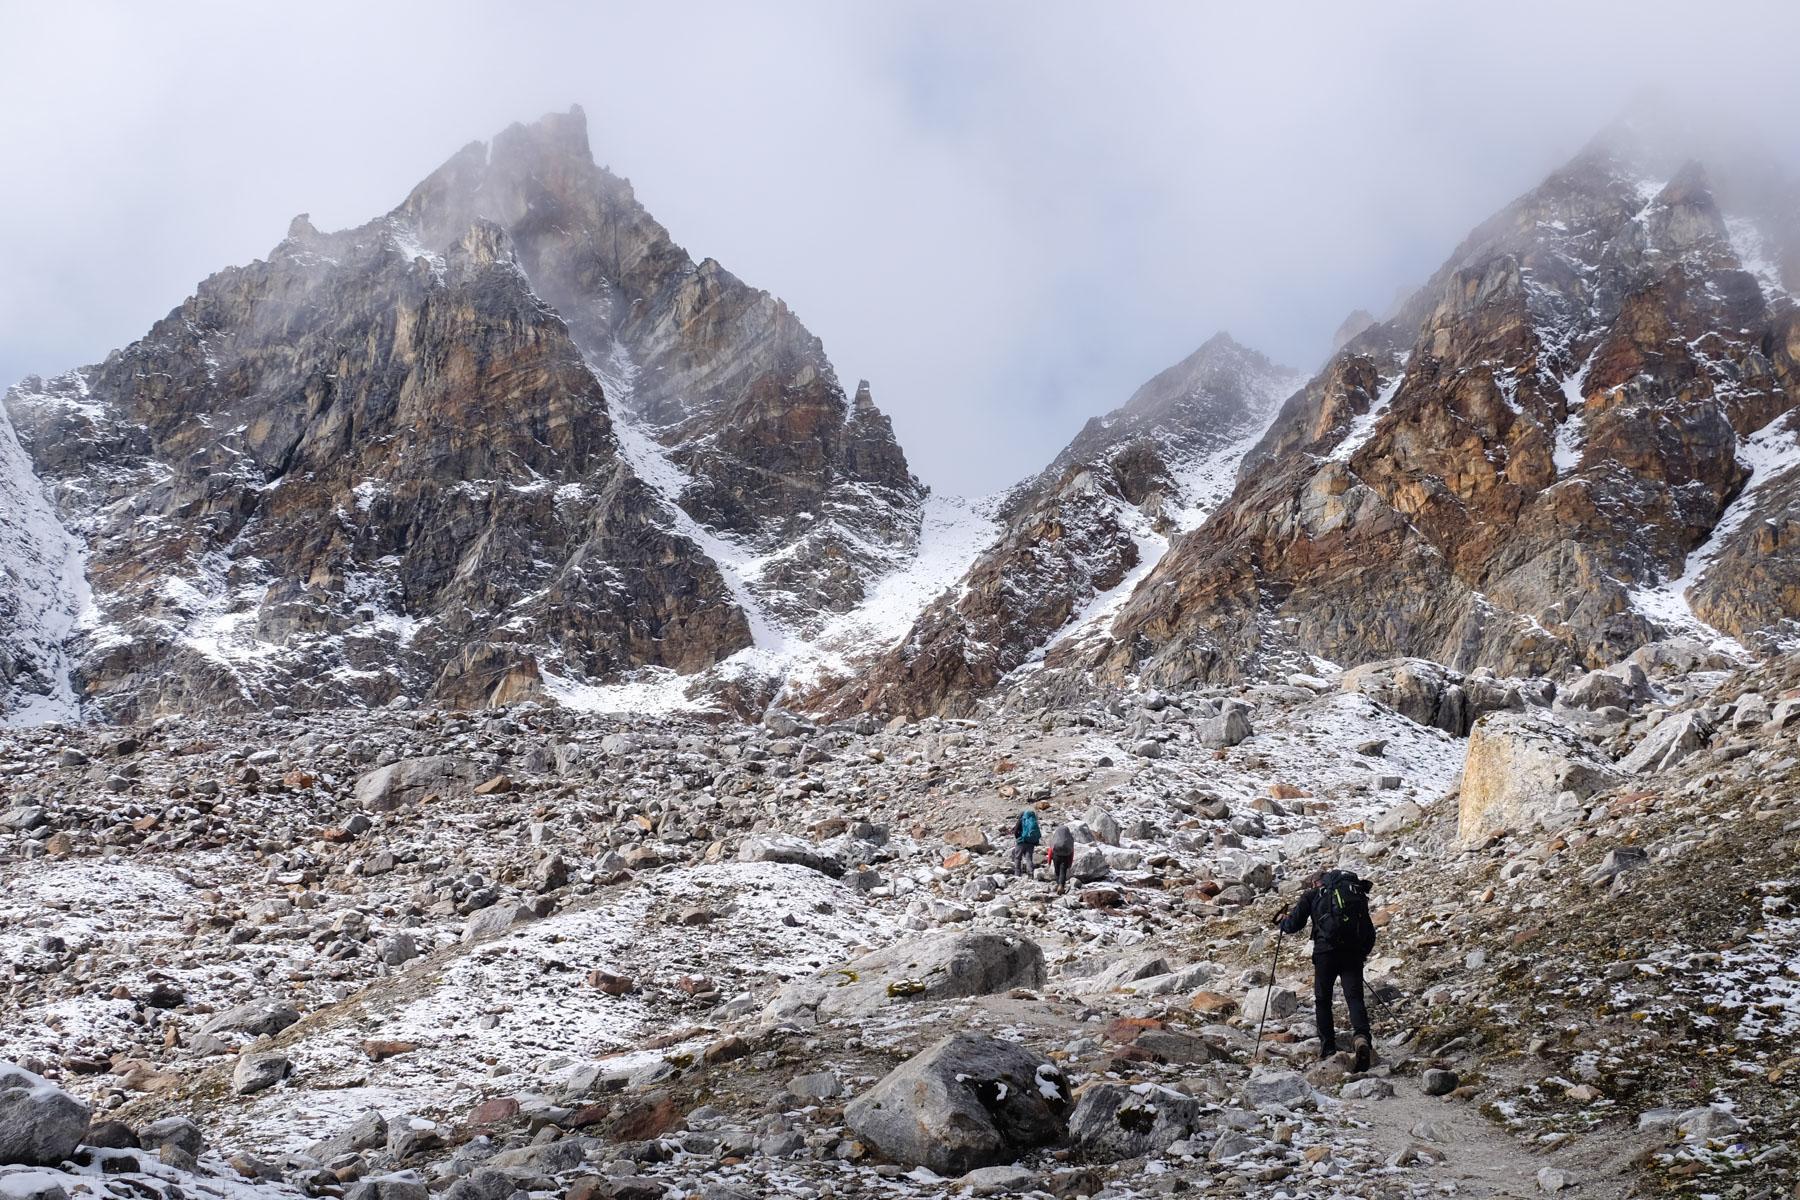 Kala Patthar & Gokyo, Everest 3 pass #3 80